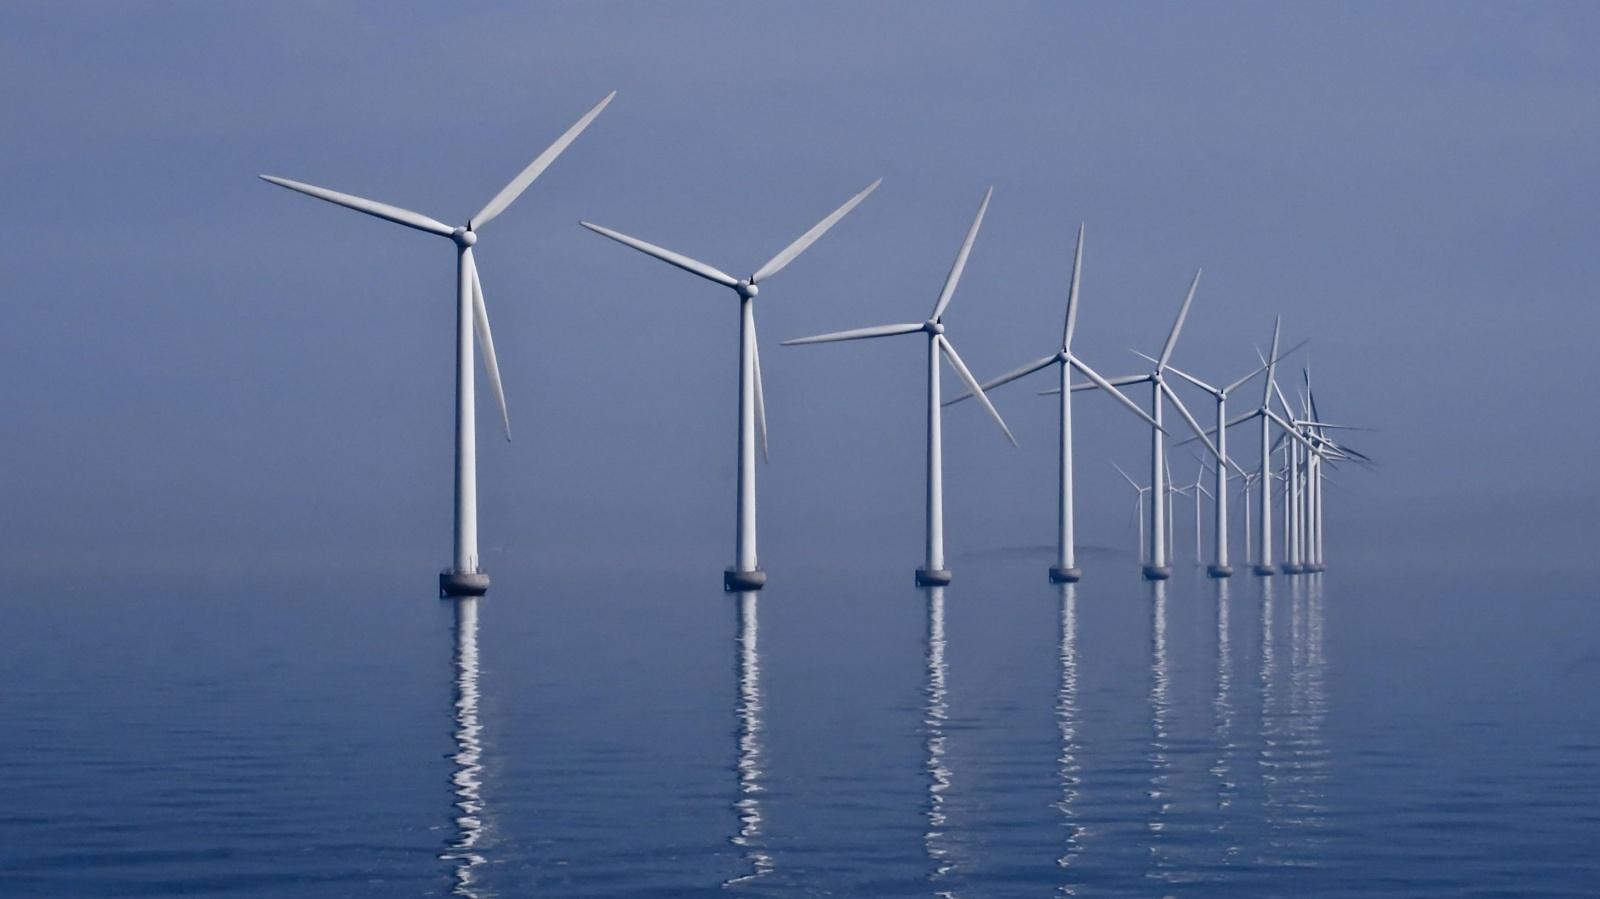 Аккумуляторные системы и альтернативная энергетика перекраивают традиционный рынок энергоуслуг - 1